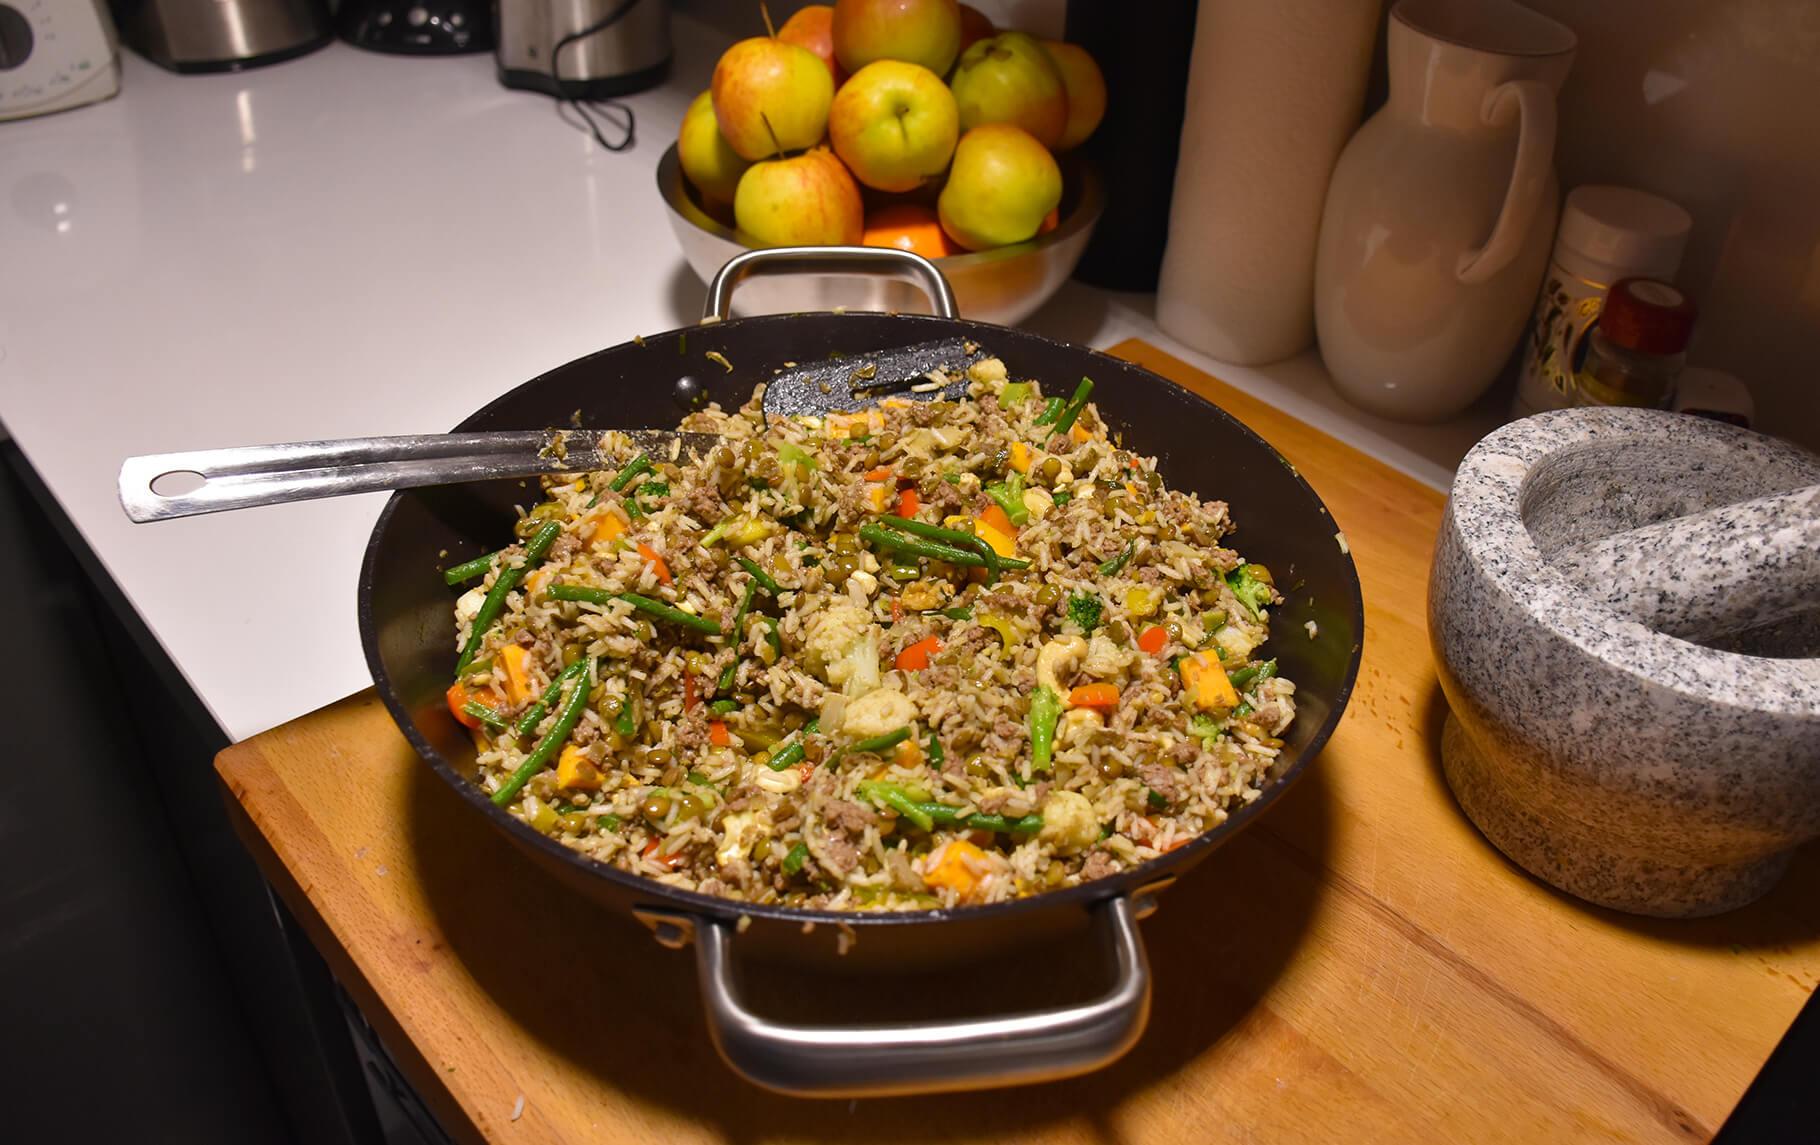 Fitnessessen Reispfanne mit Hühnchen.